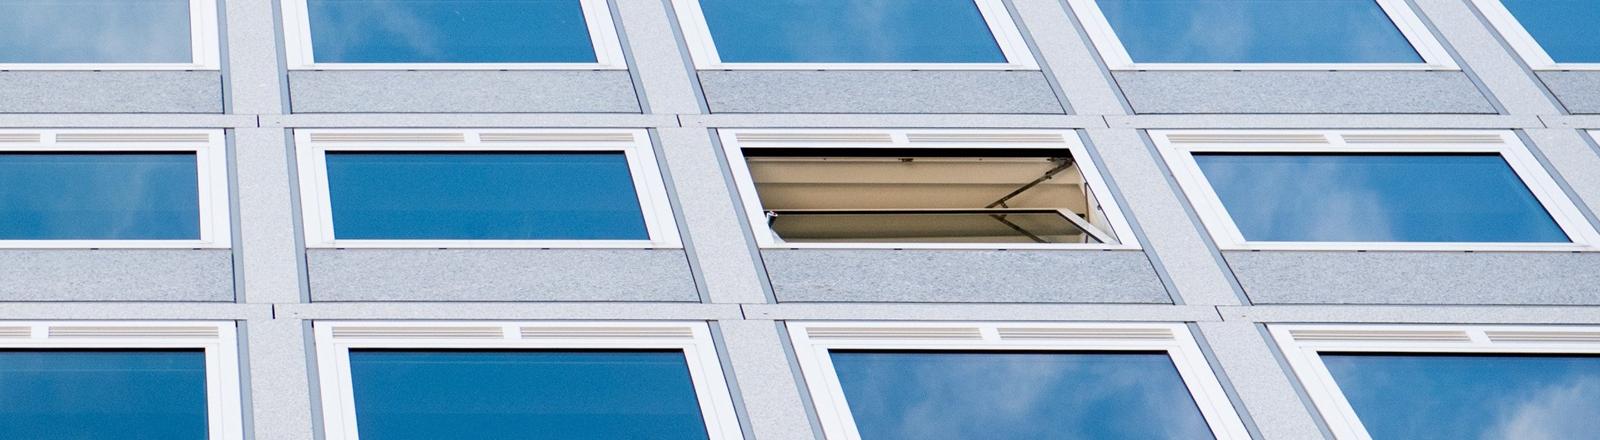 Die Fassade eines Bürogebäudes, ein Fenster steht auf kipp.